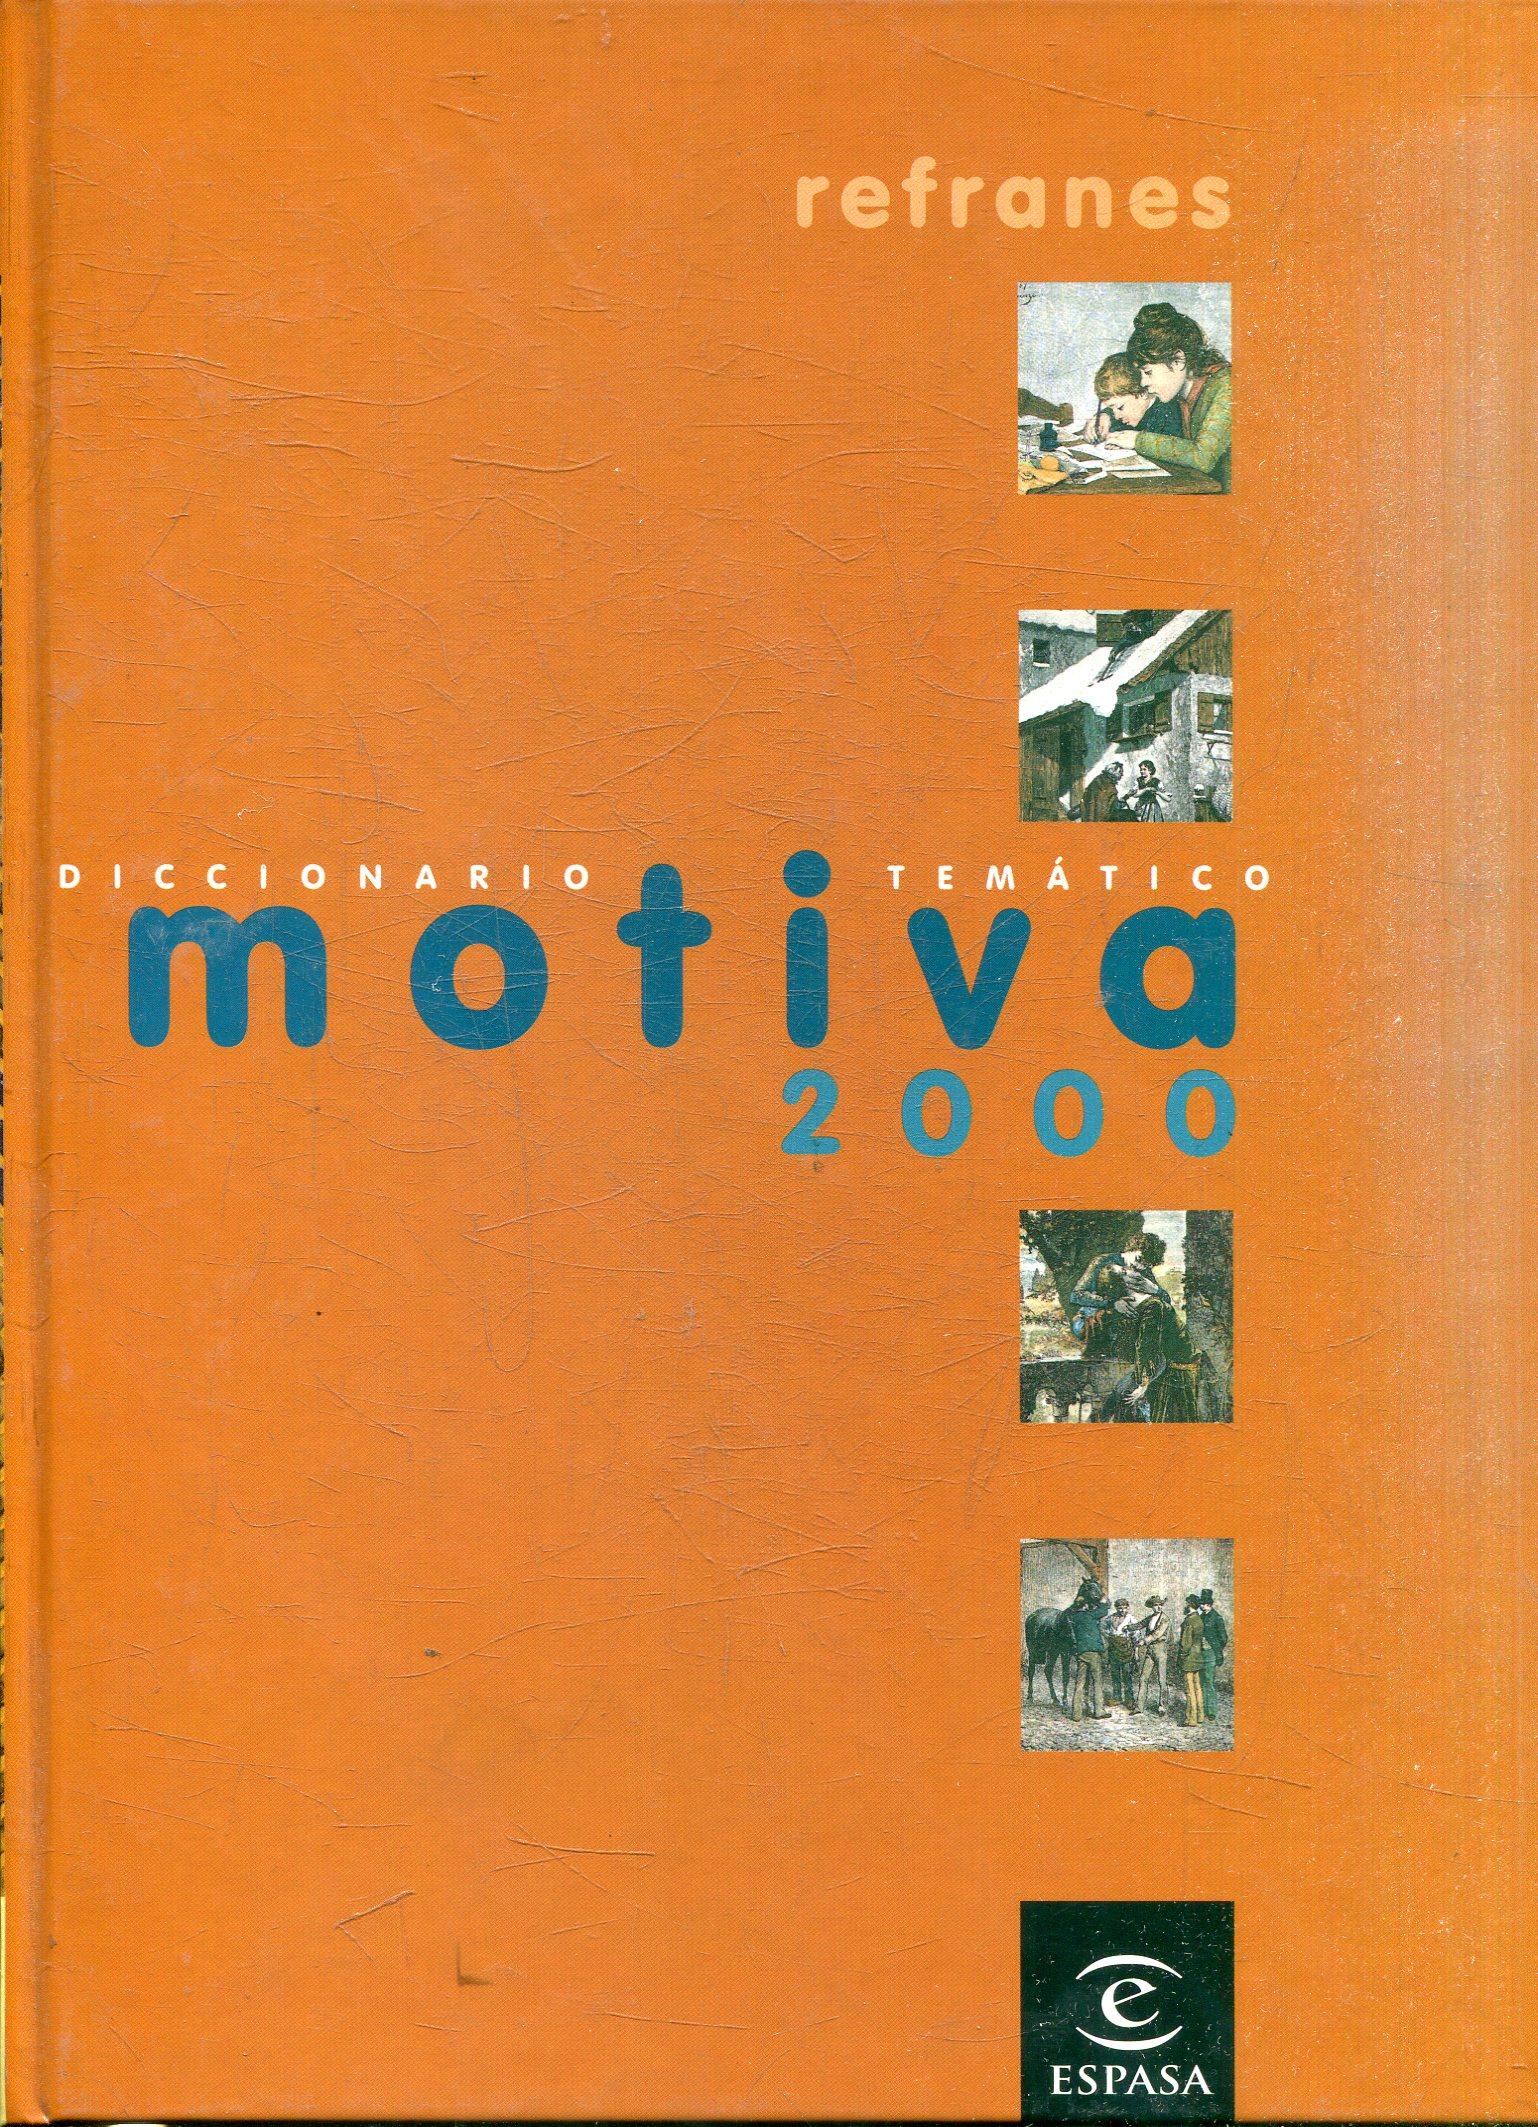 DICCIONARIO TEMATICO MOTIVA 2000. REFRANES - VV.AA.